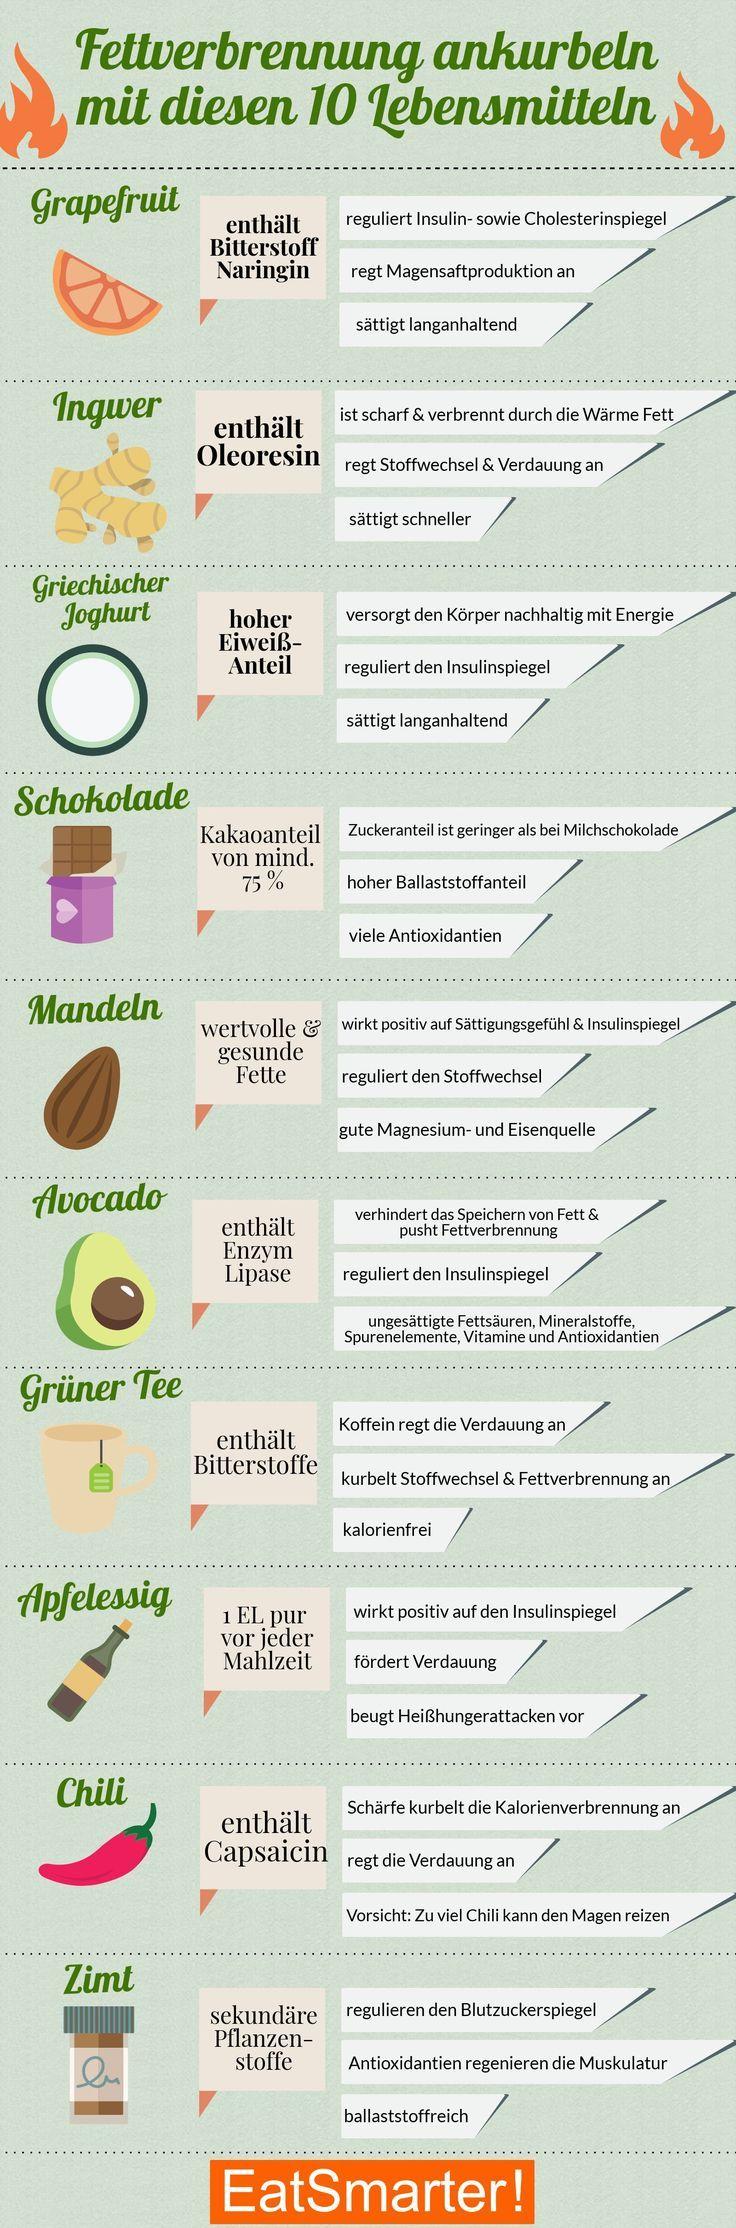 #fettverbrennung  #abnehmen  #fitness  #ernährung  #fettverbrennen  #diät #ankurbeln: #diesen  Fettv...